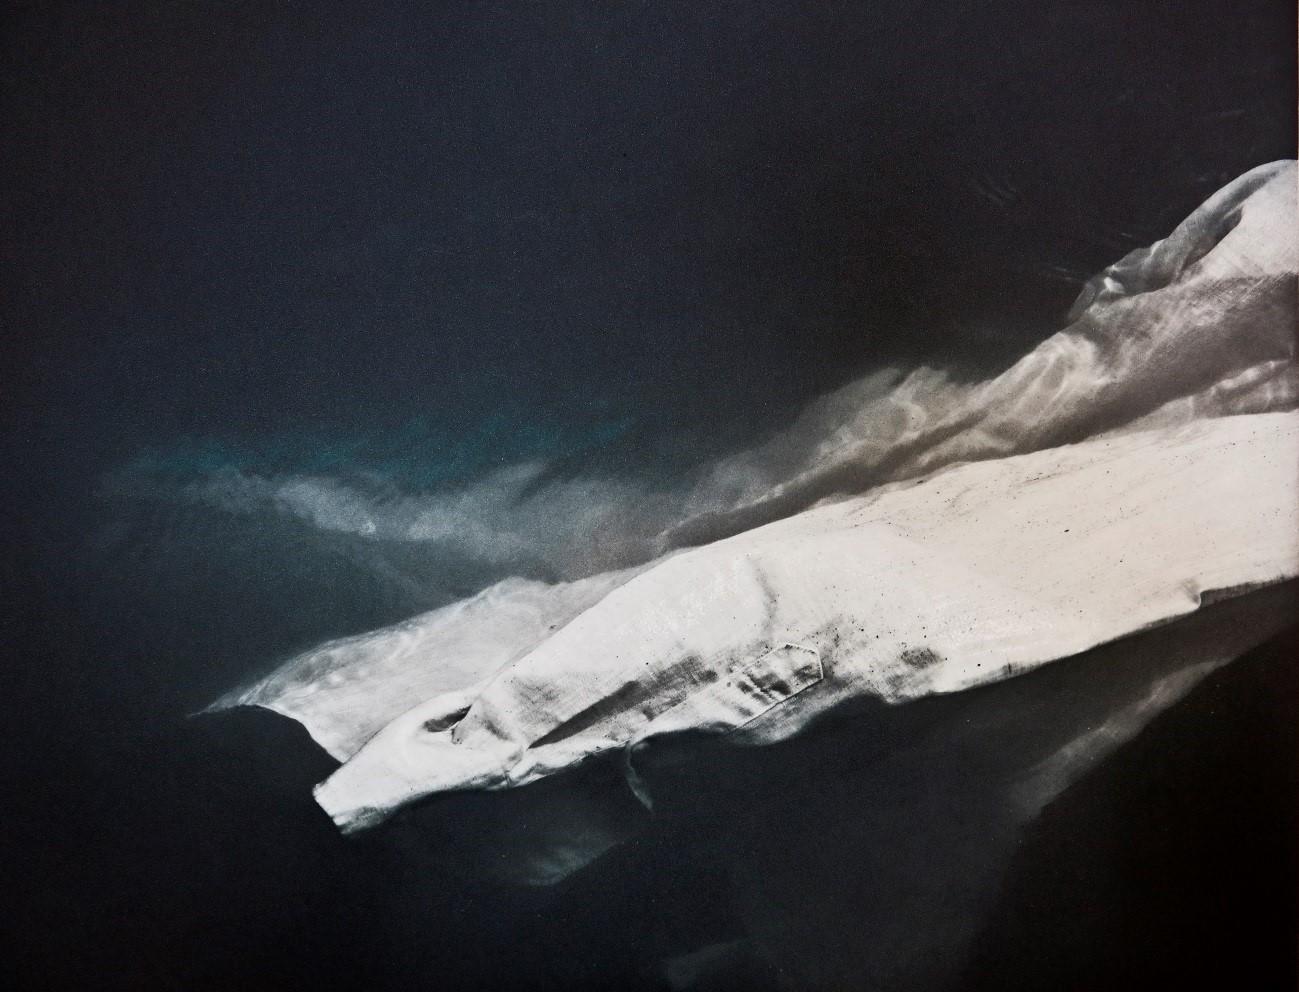 La artista Carmen Isasi Martínez gana la 18º edición del concurso de obra gráfica convocado por el Cabildo de Gran Canaria